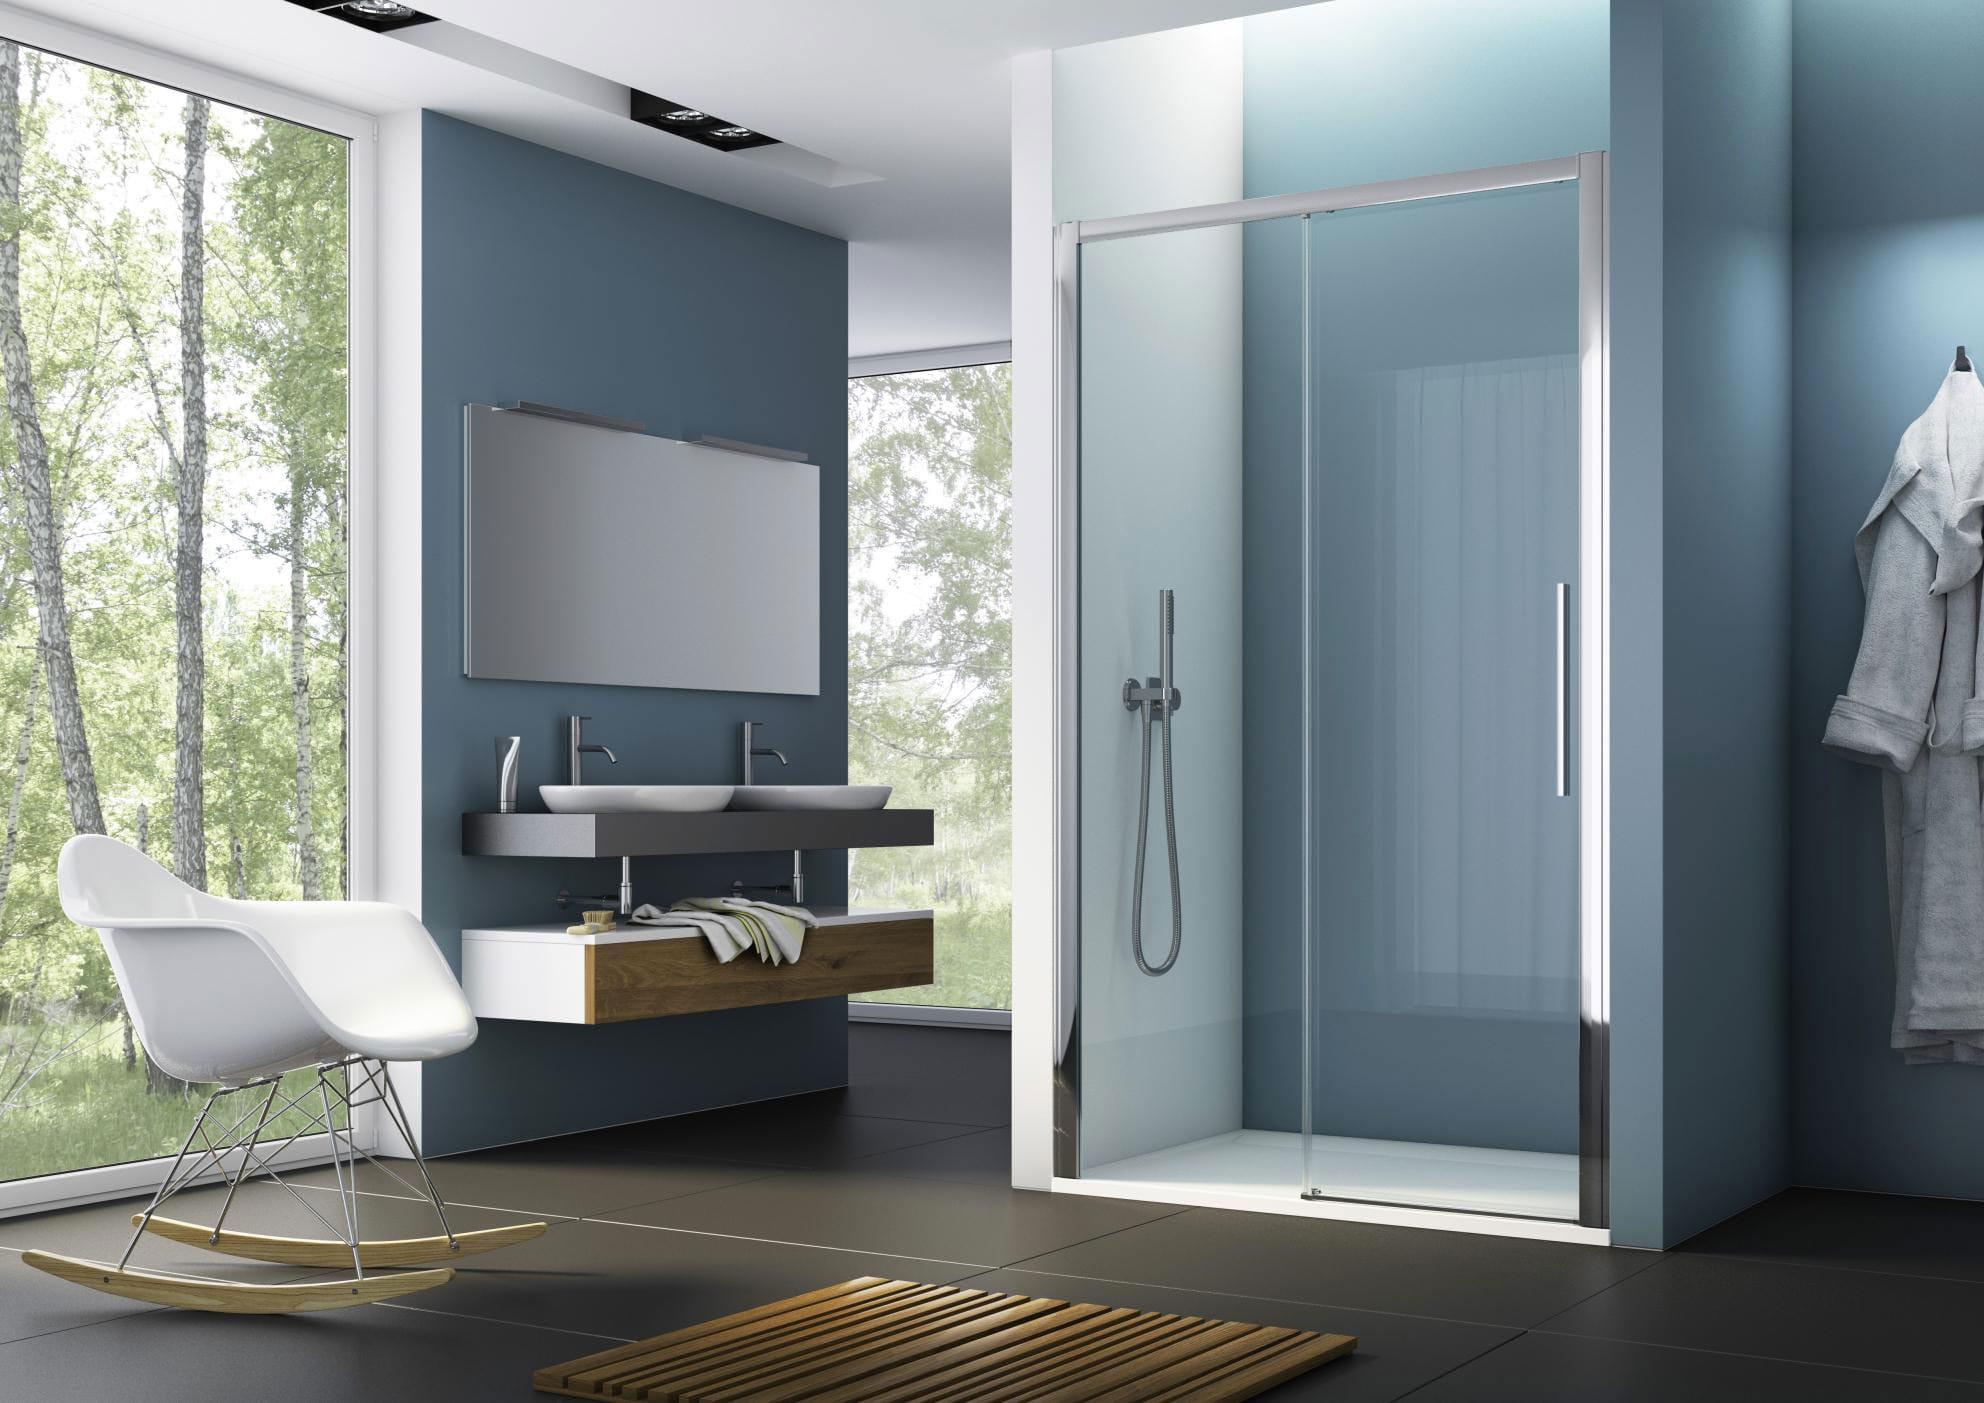 Creer Rangement Salle De Bain idée agencement salle de bain – lapeyre